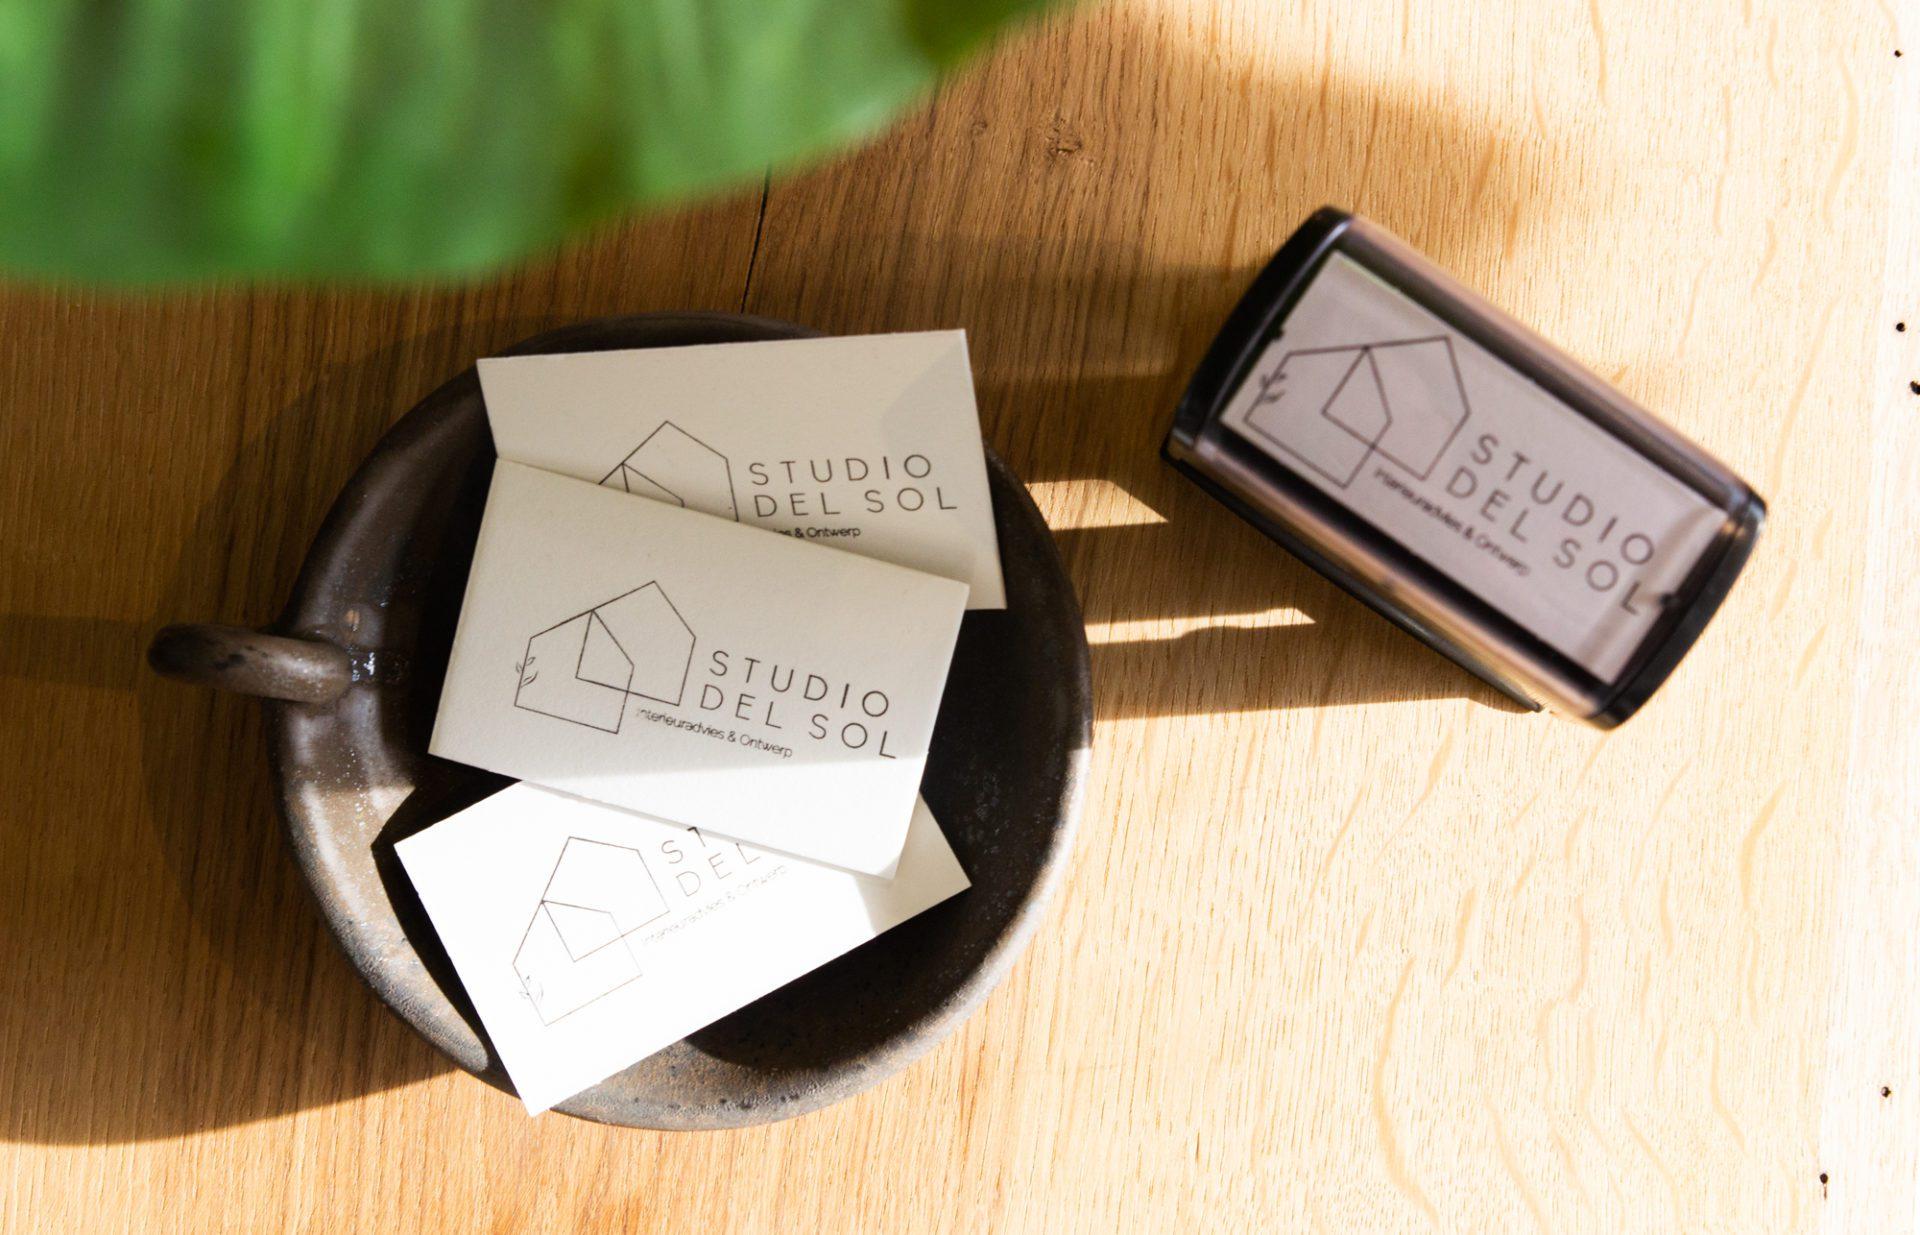 visitekaartje zelf stempelen met zelfinktende stempel